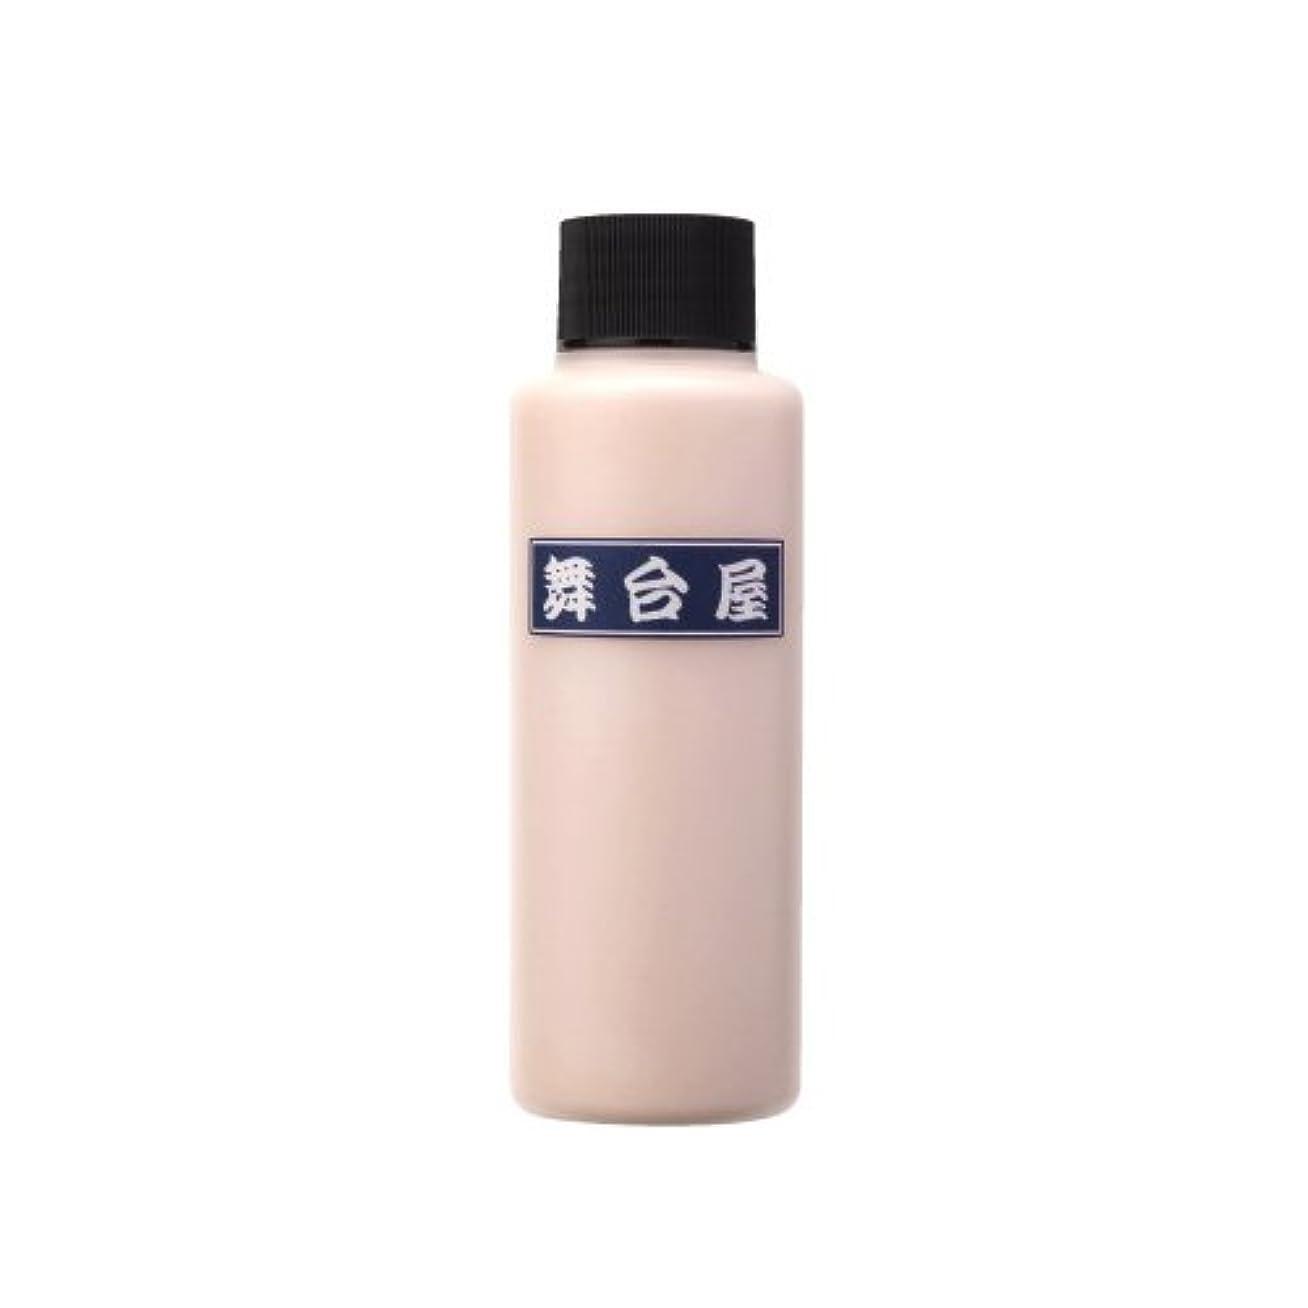 アーティスト誰の刺激する舞台屋 水白粉 ピンク-3